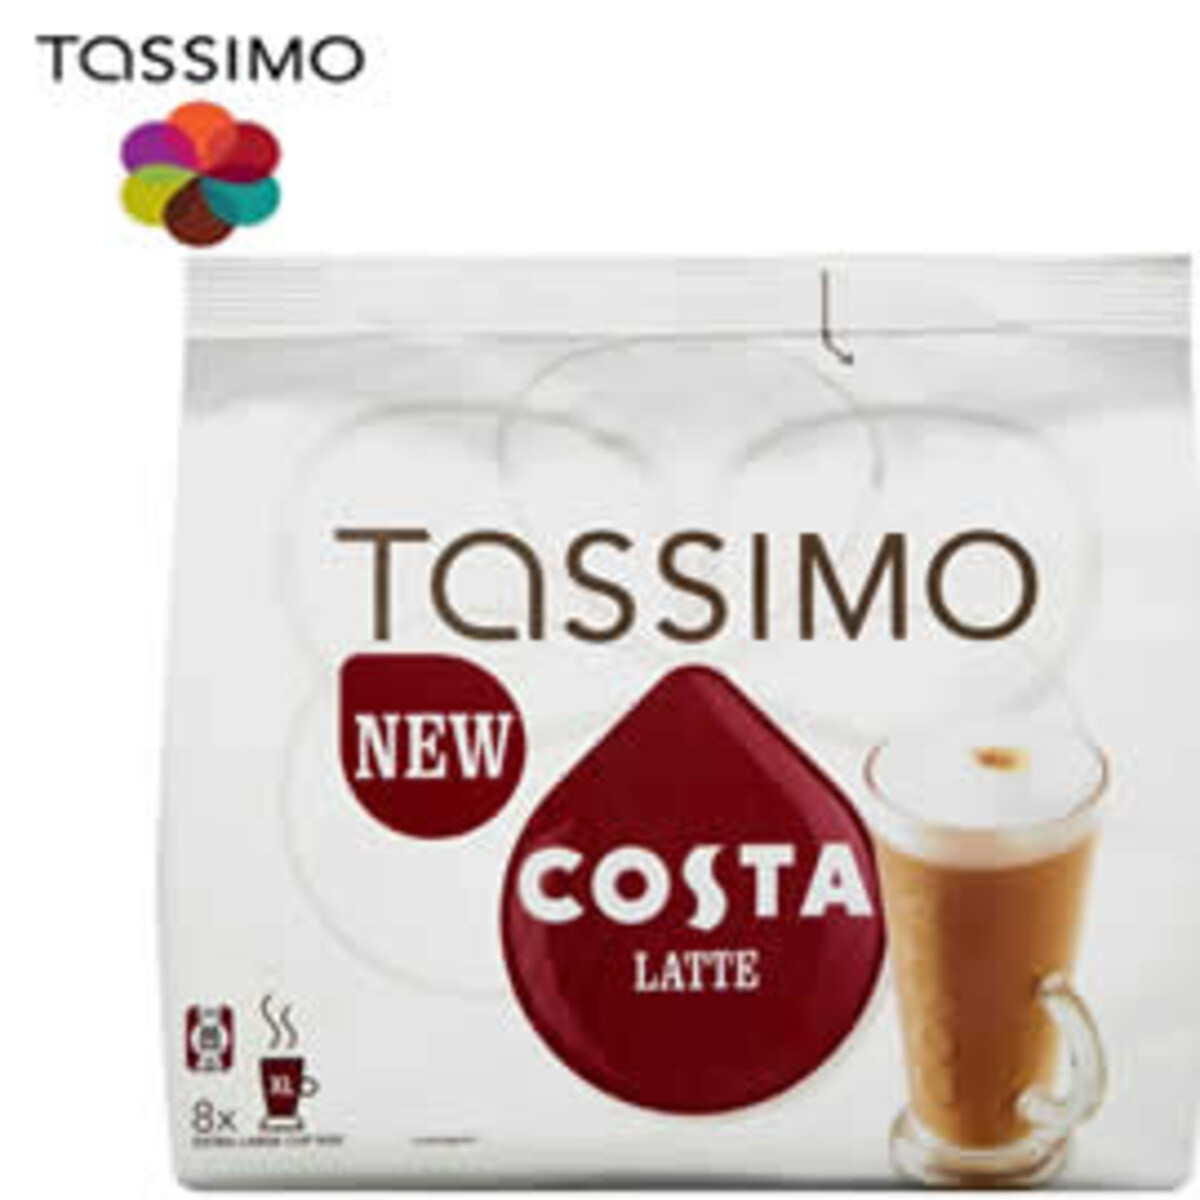 Tassimo Costa Latte Macchiato